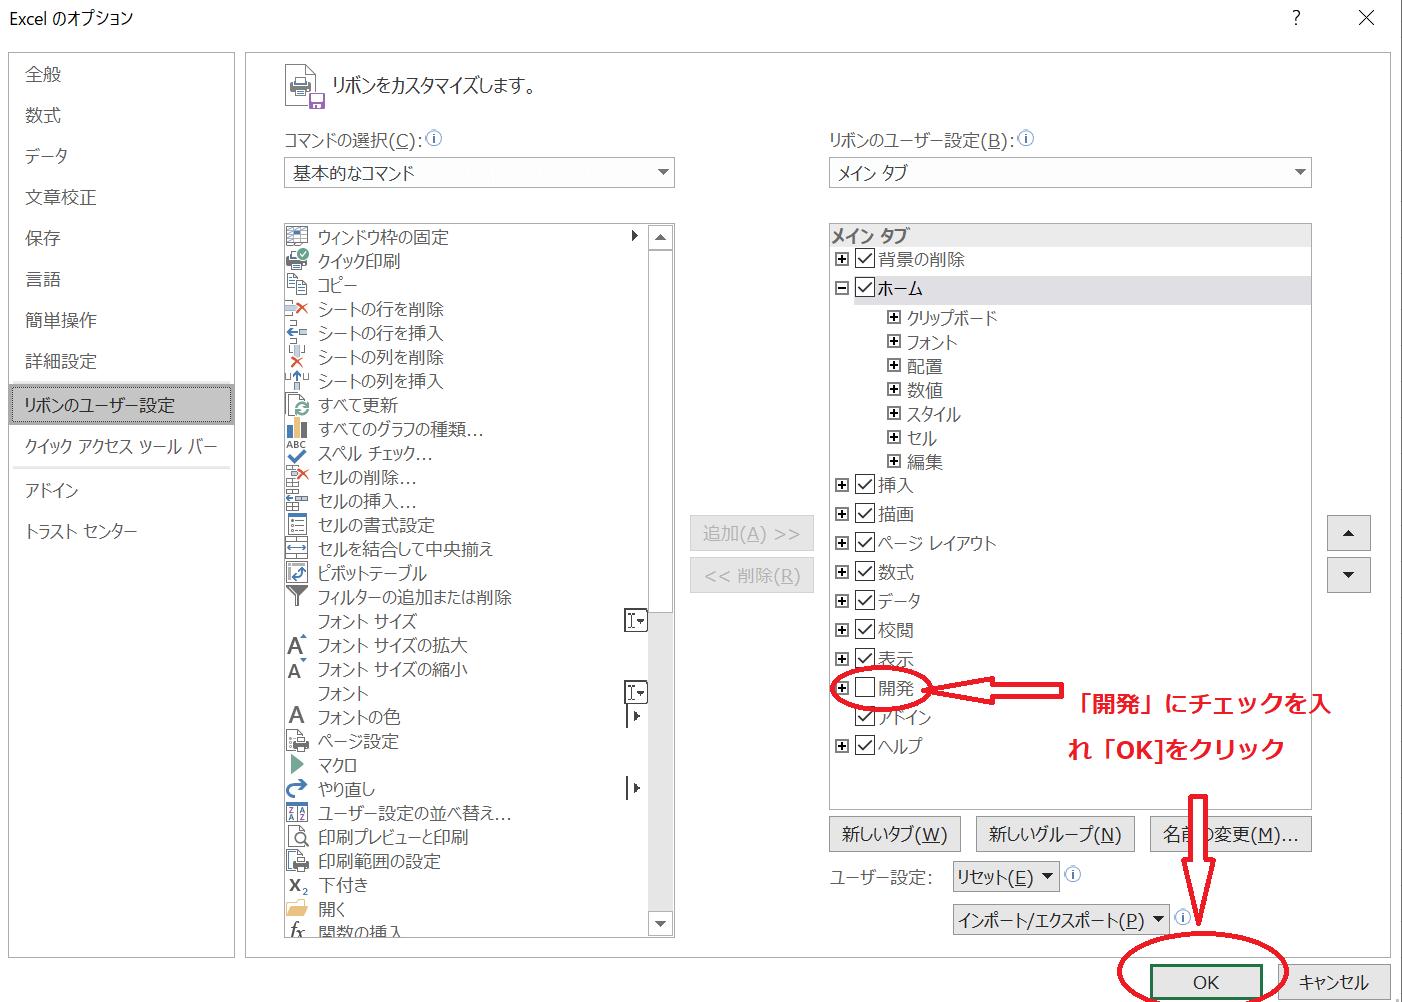 開発 タブ エクセル